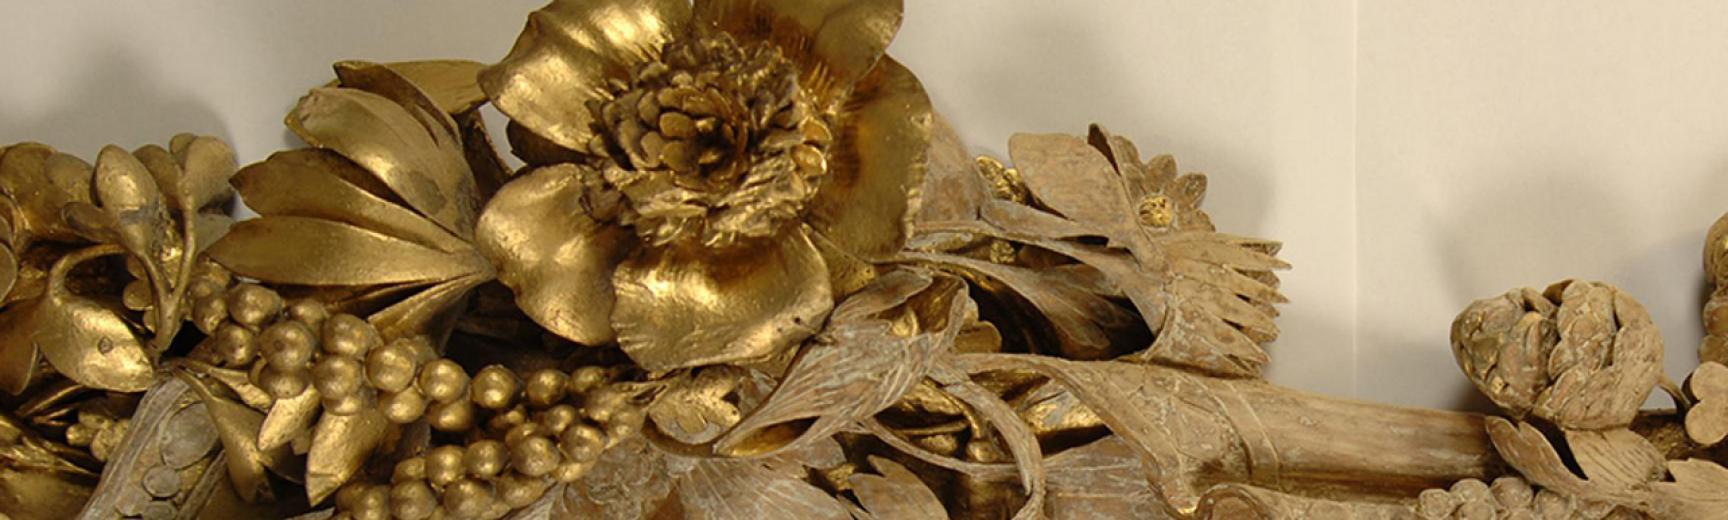 ashmolean treasures